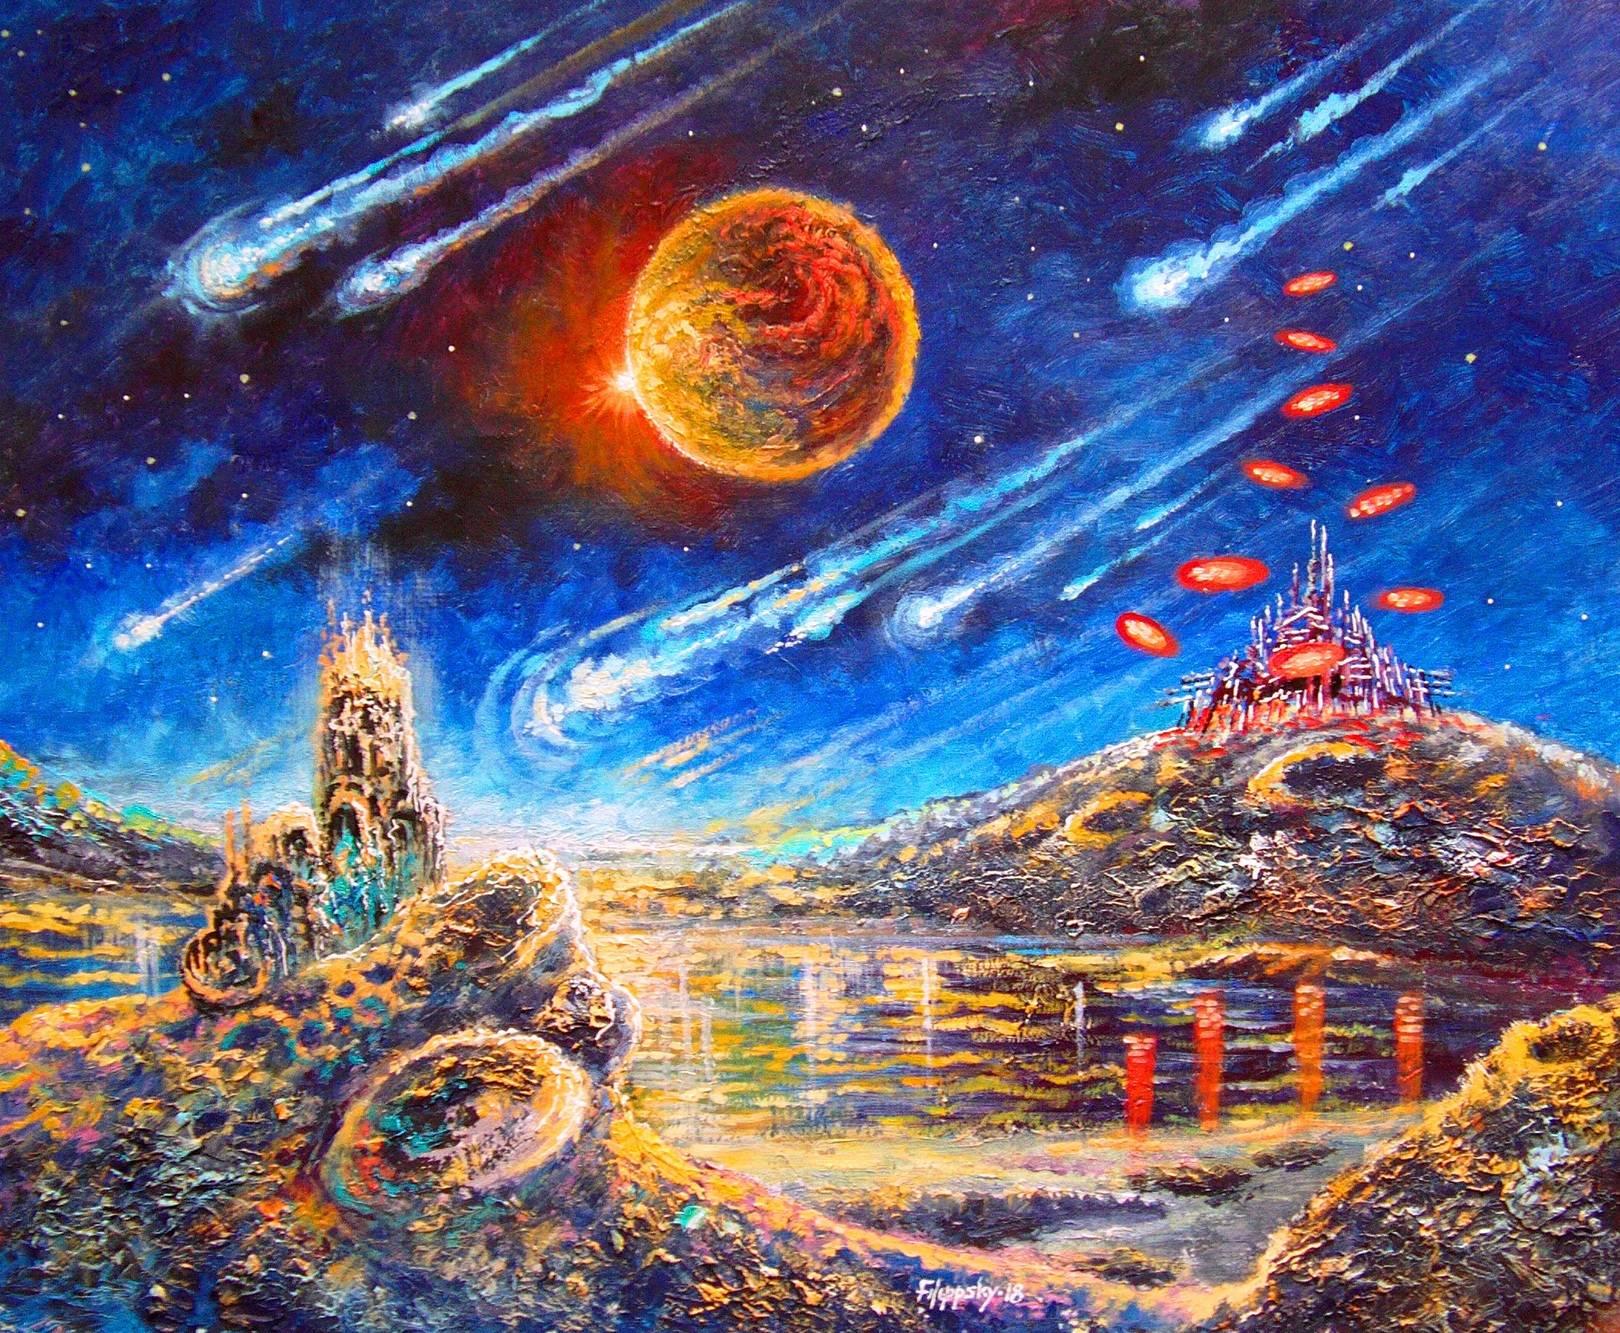 """""""29 век.Терраформирование Луны,начальный этап""""  Думается,придёт такое время,когда человечество начнет изменять природу Луны.Для создания атмосферы и океанов людям придется изменять орбиты комет и направлять их обломки в определенные районы Луны,чтобы избежать значительных сотрясений этого небесного тела."""